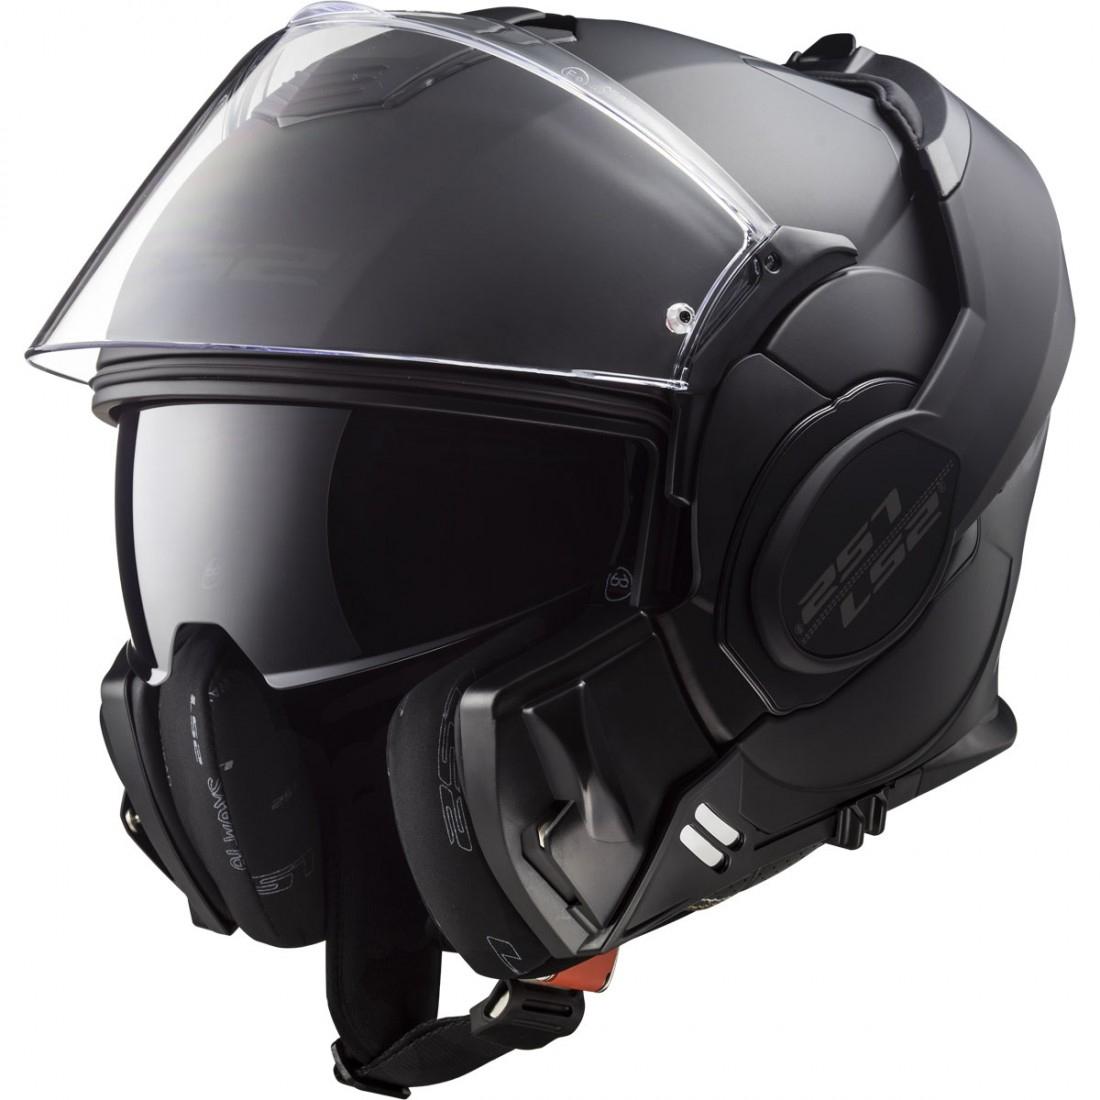 Casque moto modulable LS2 FF399 Valiant - Noir mat (Taille L)